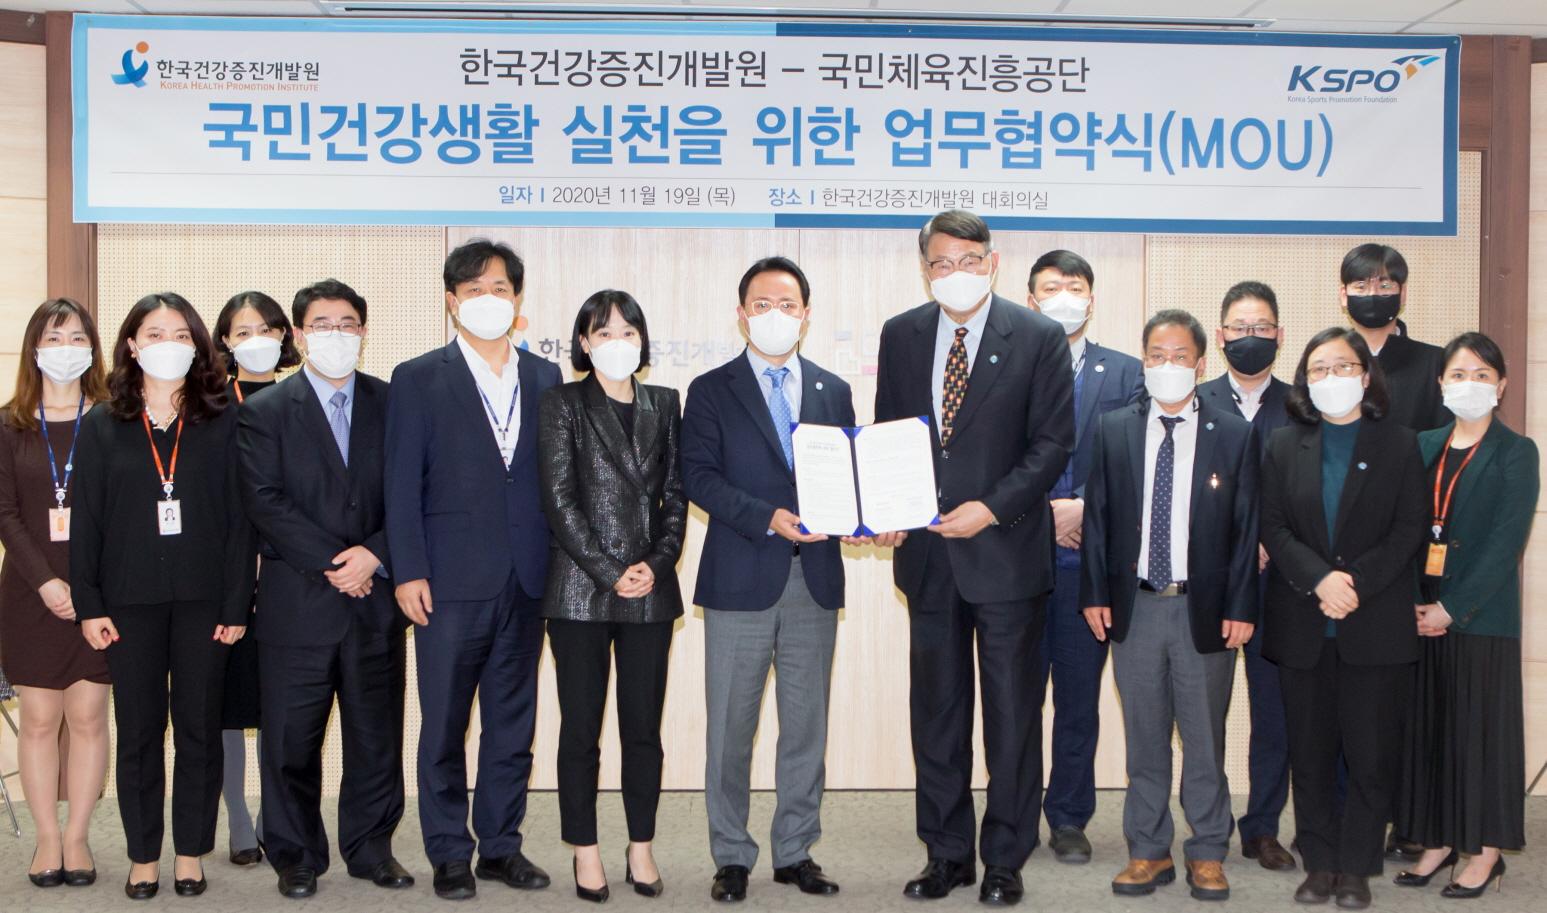 국민체육진흥공단, 한국건강증진개발원과 대국민 체력·건강증진을 위한 업무 협약 체결